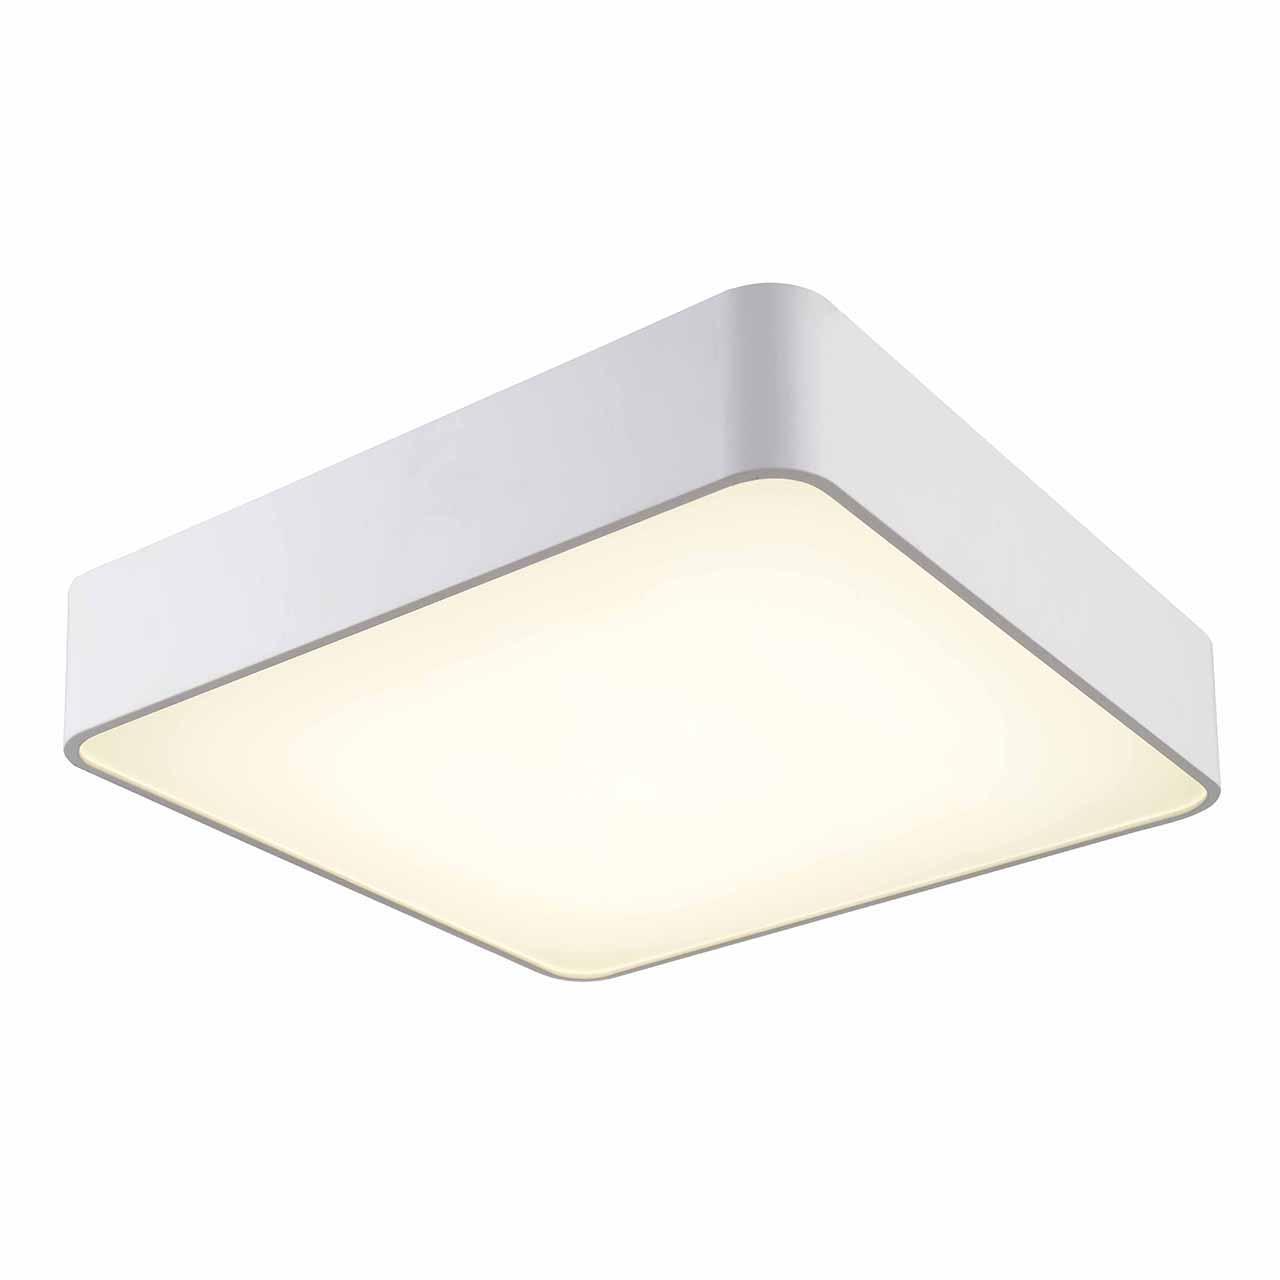 Потолочный светодиодный светильник Mantra Cumbuco 5502 потолочный светодиодный светильник mantra cumbuco 5502